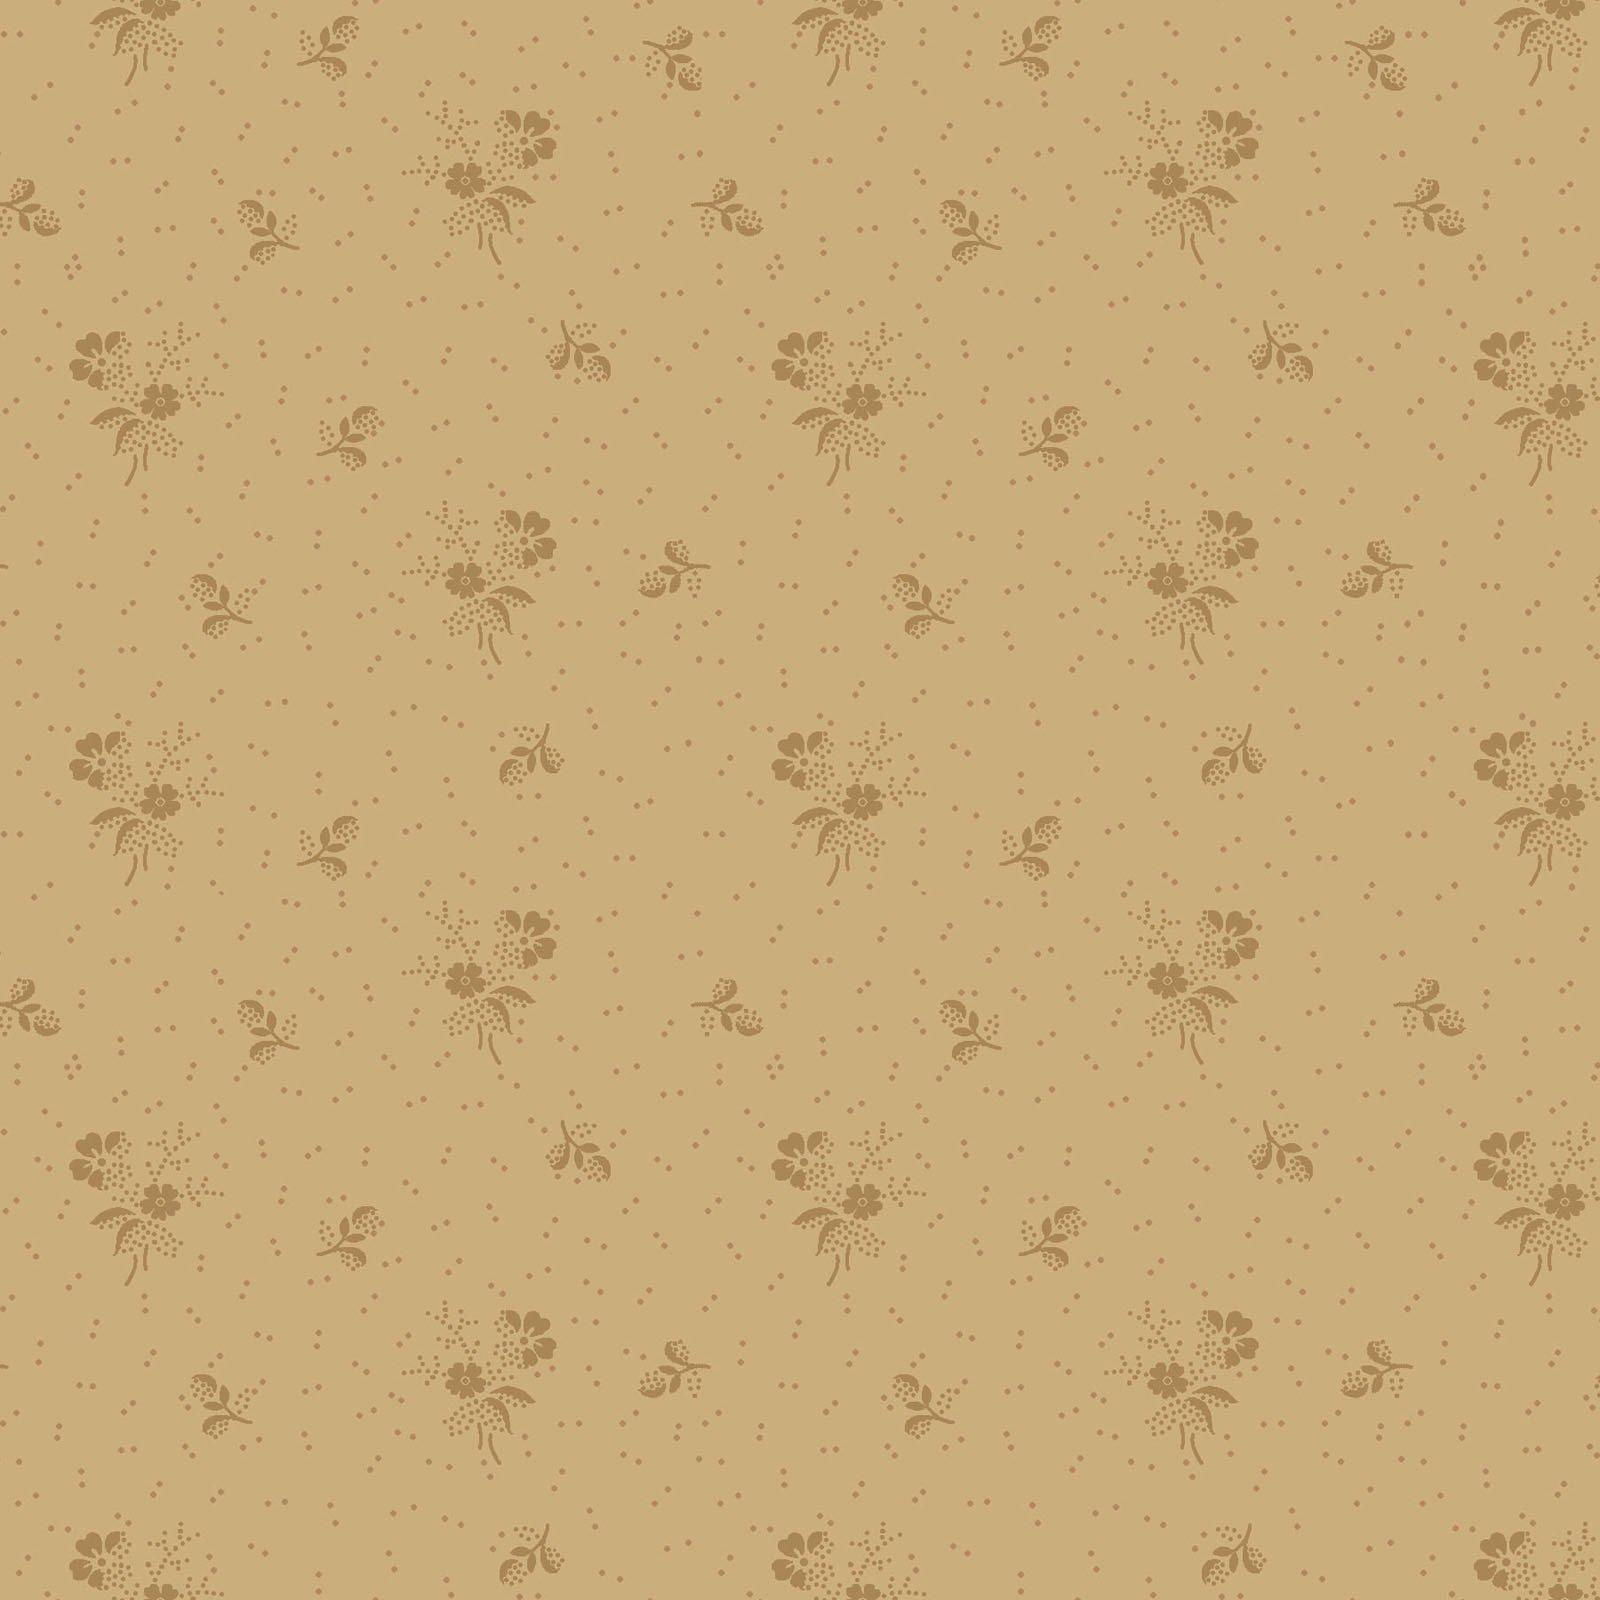 Linen Closet<br/>Henry Glass 8568-33